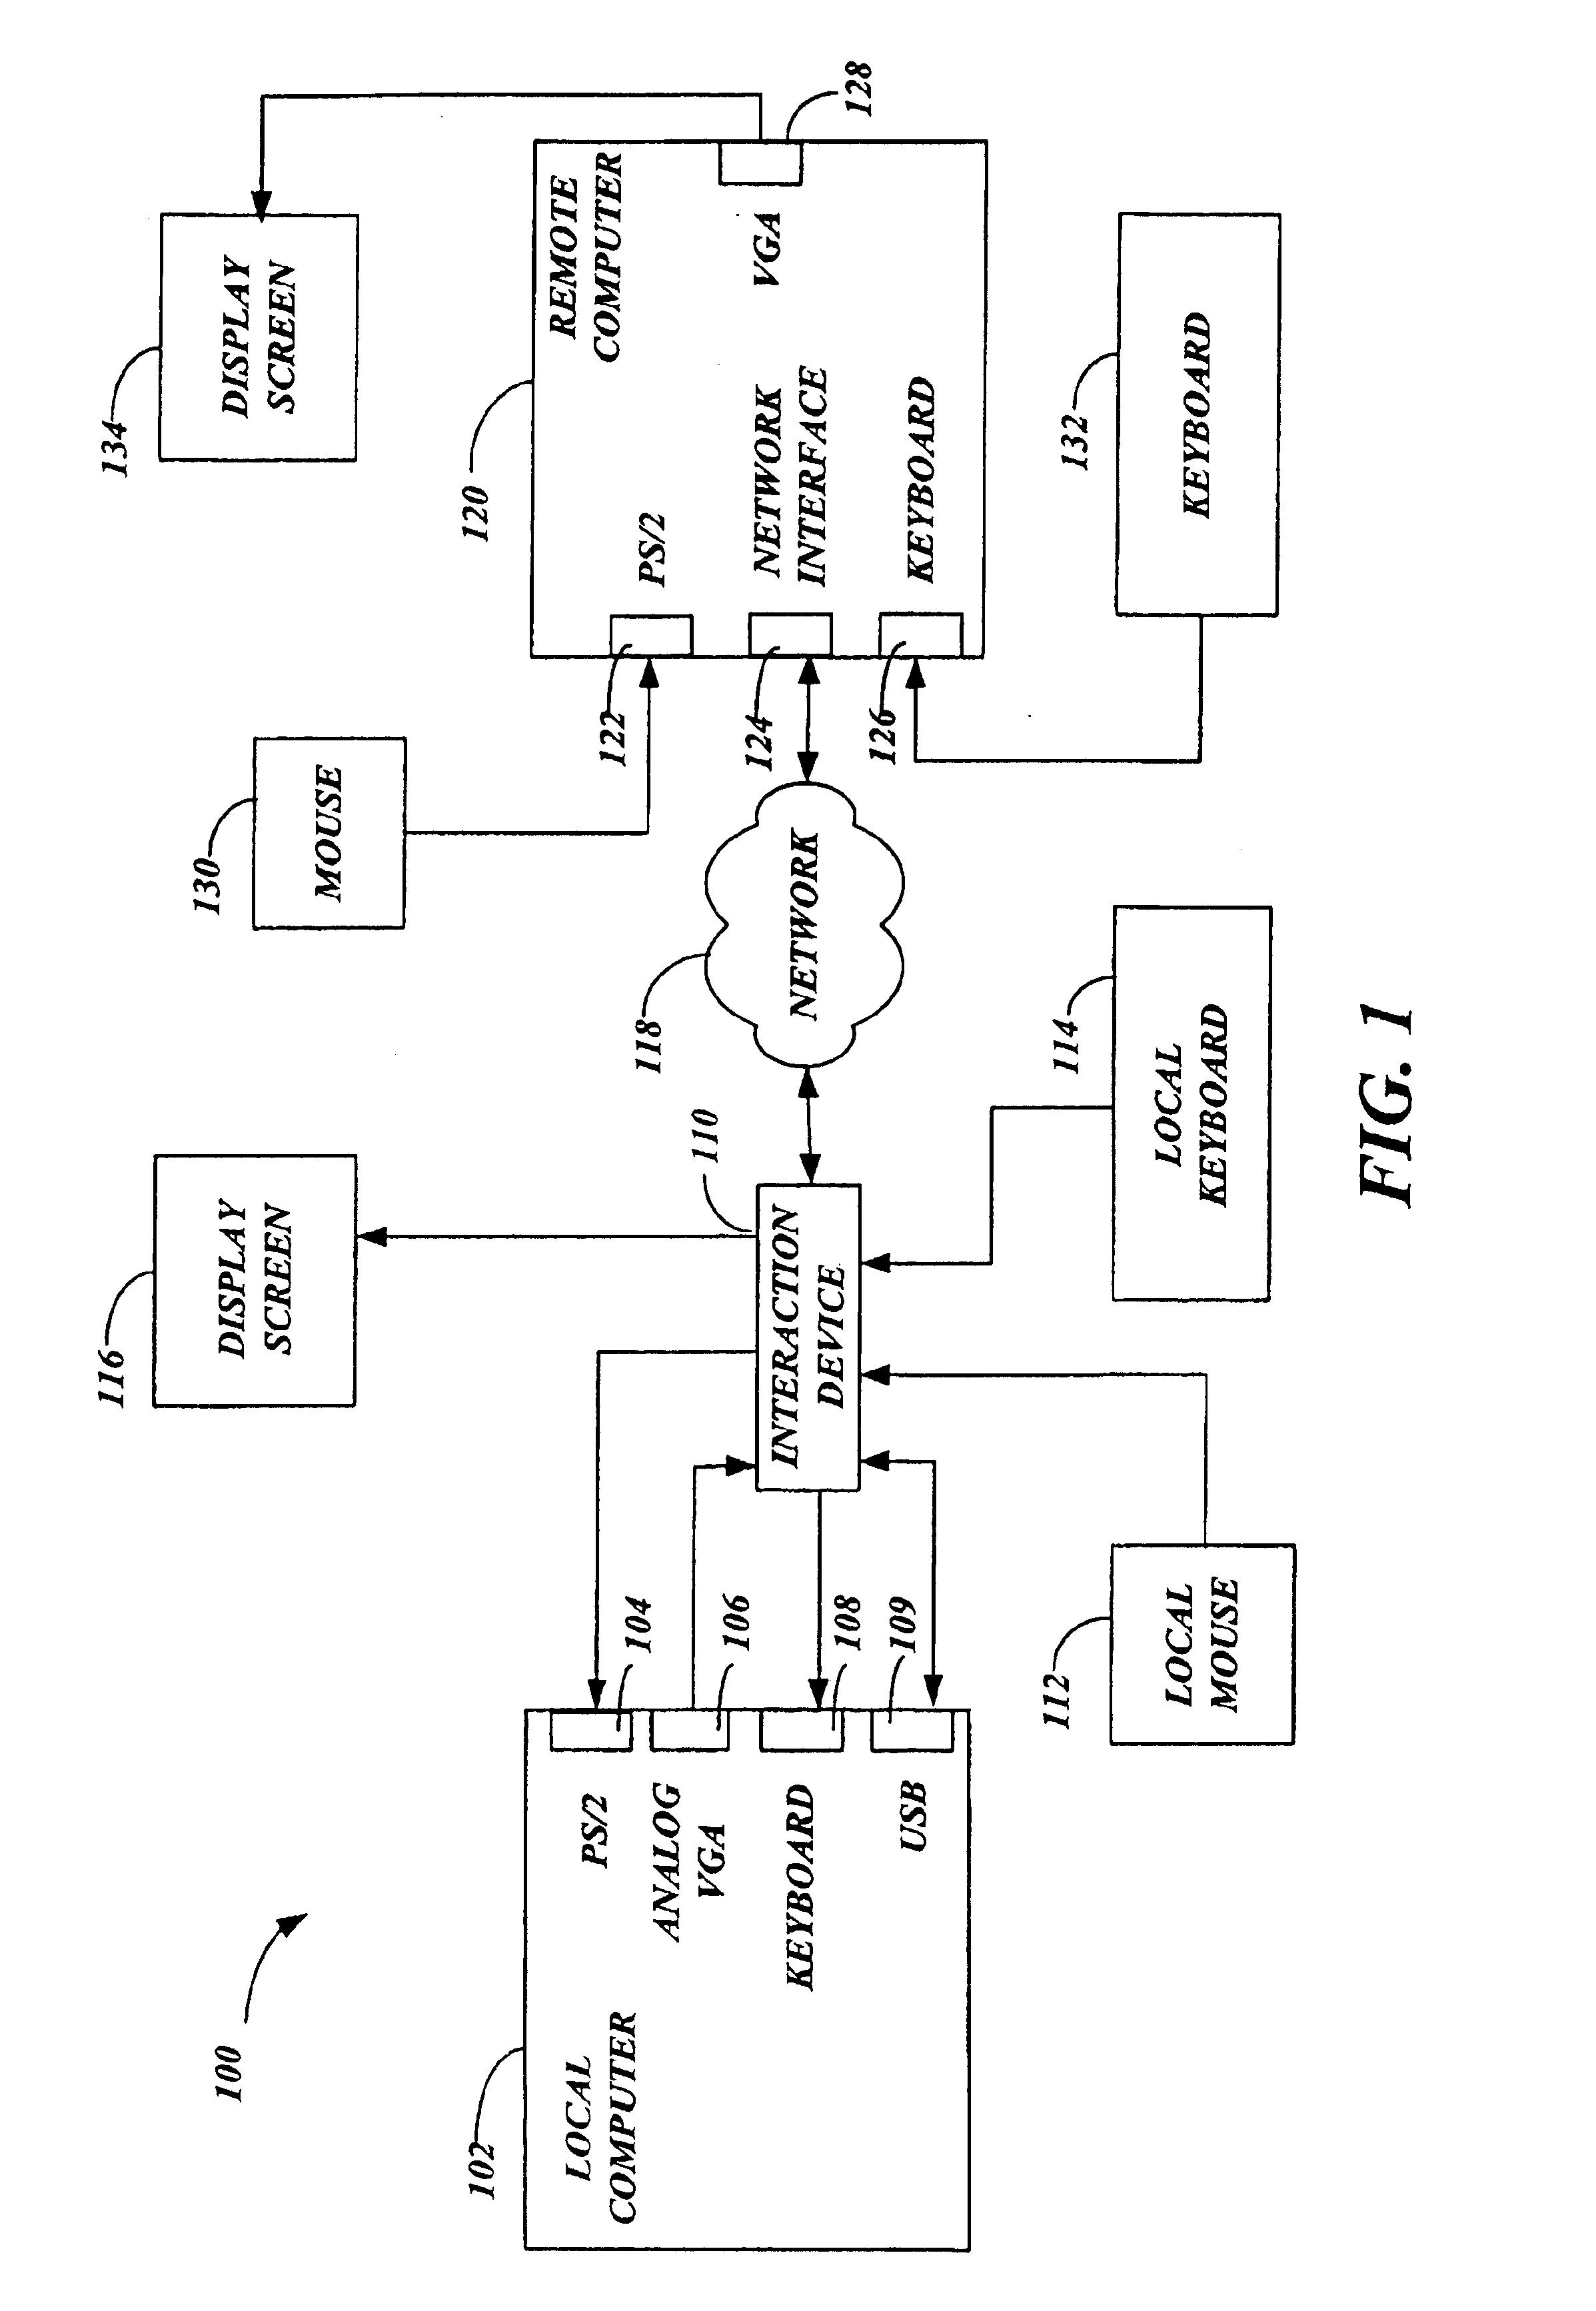 patent us6894906